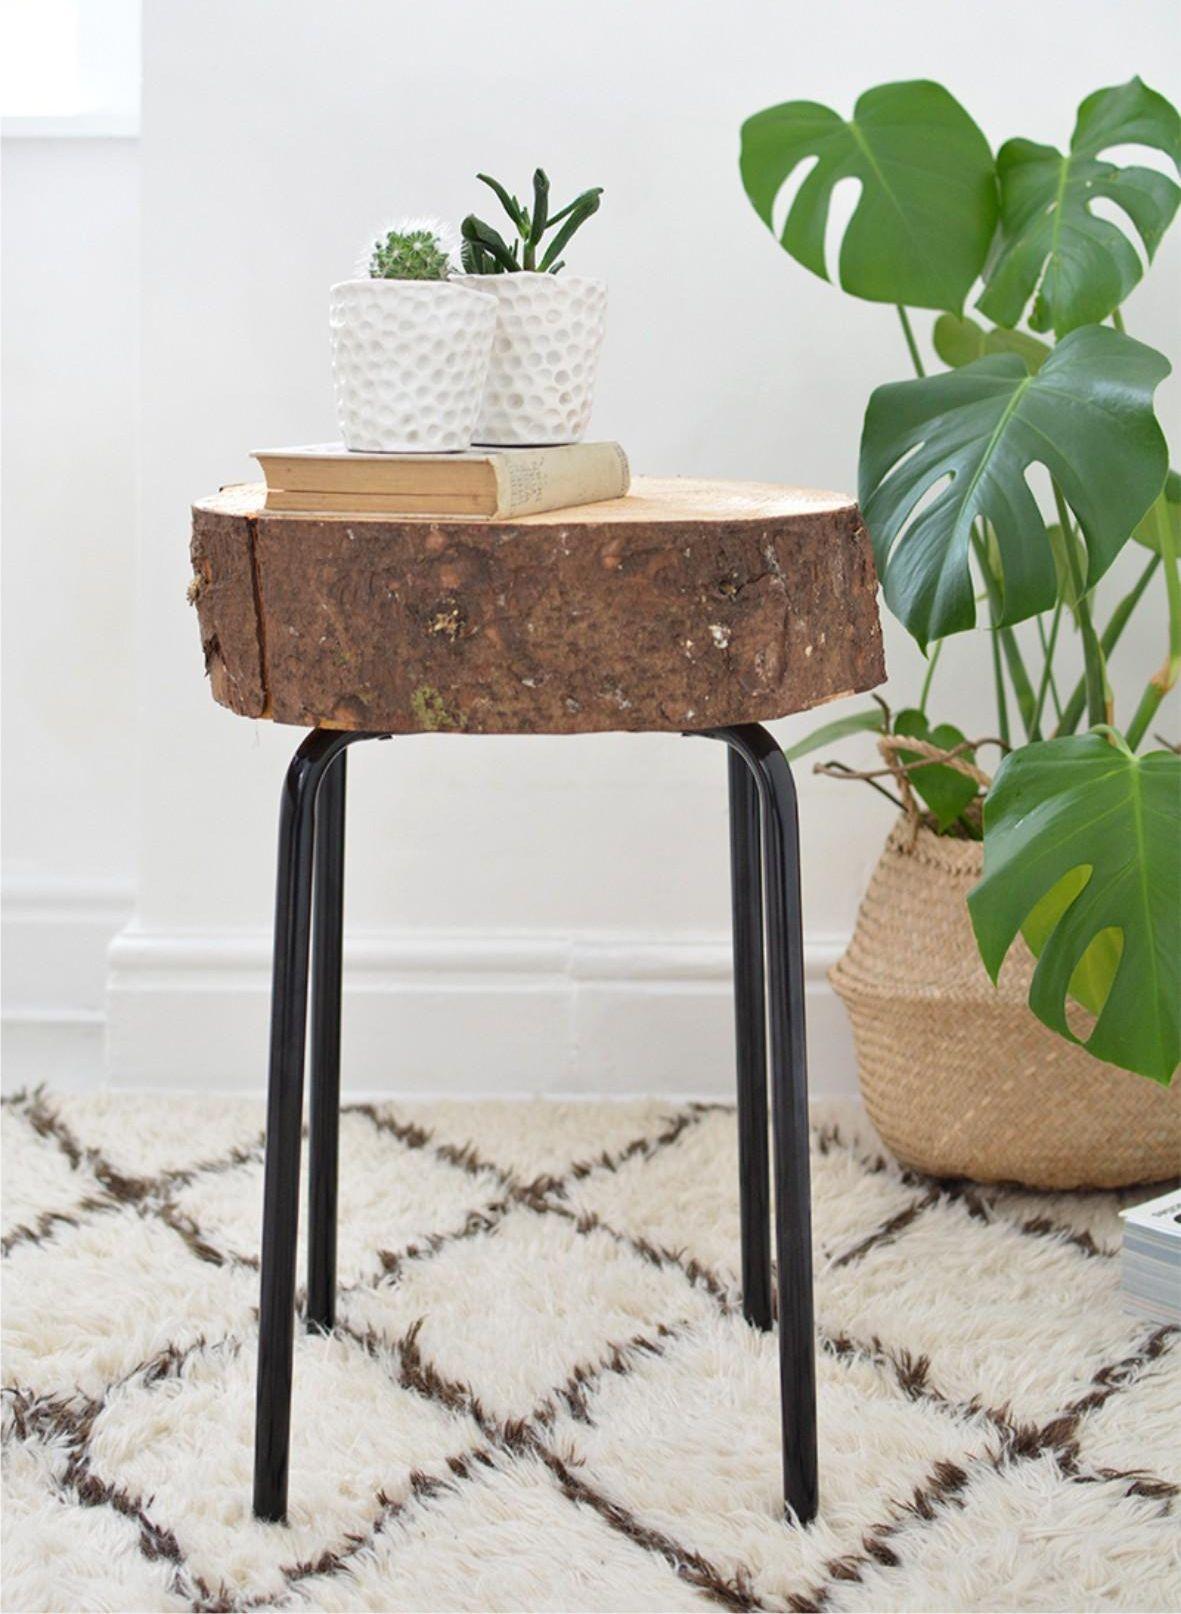 Дешево и красиво: делаем стулья своими руками - image14